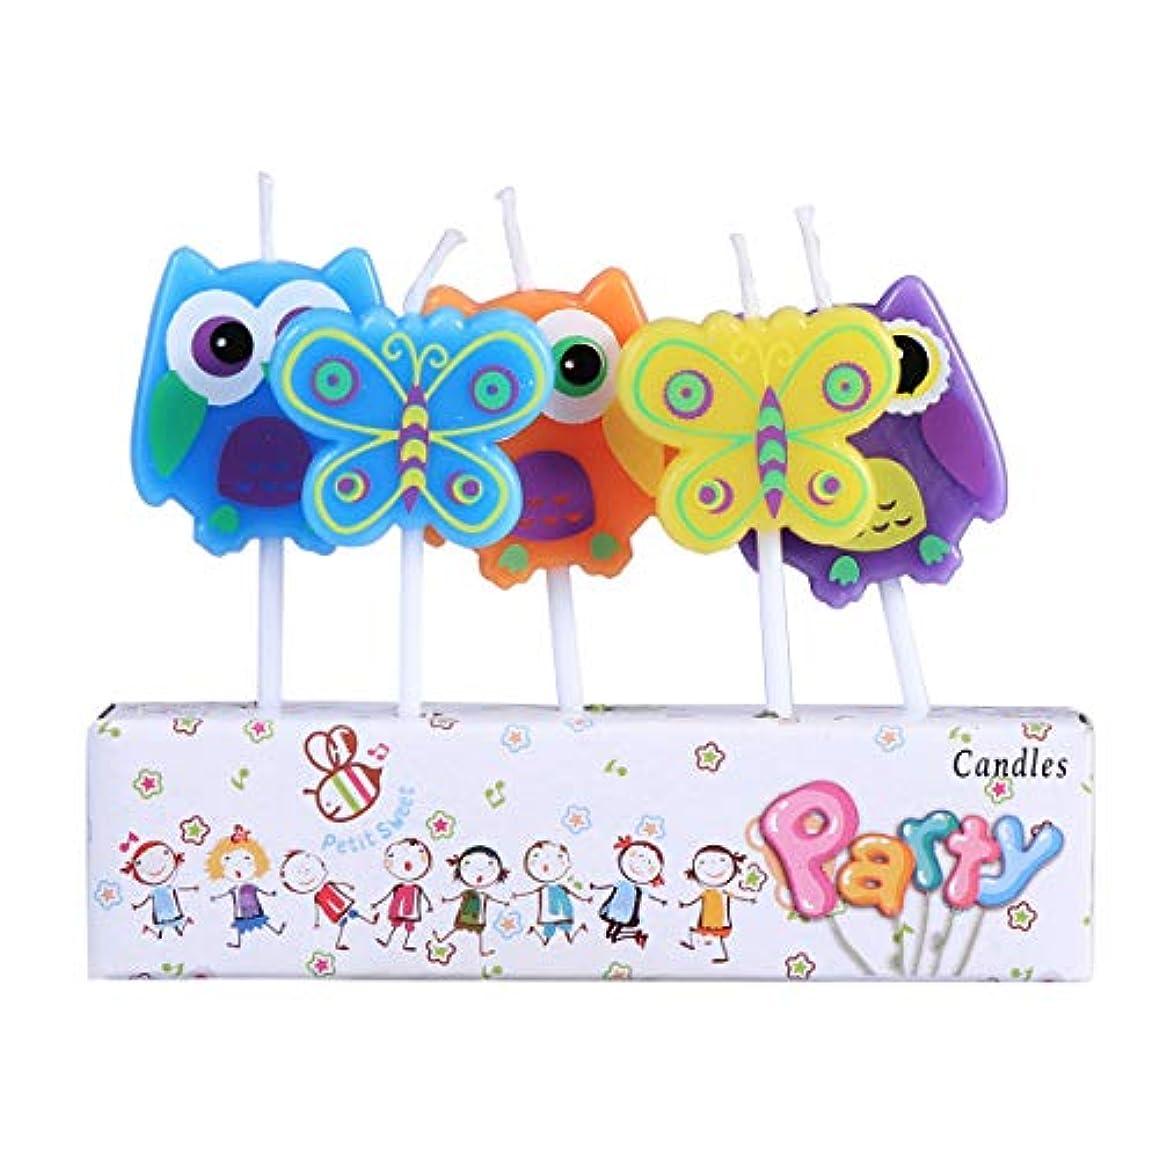 非難ストッキング文字BESTOYARD 子供の誕生日の装飾のための5本の動物の誕生日ケーキのろうそく(フクロウ蝶形)